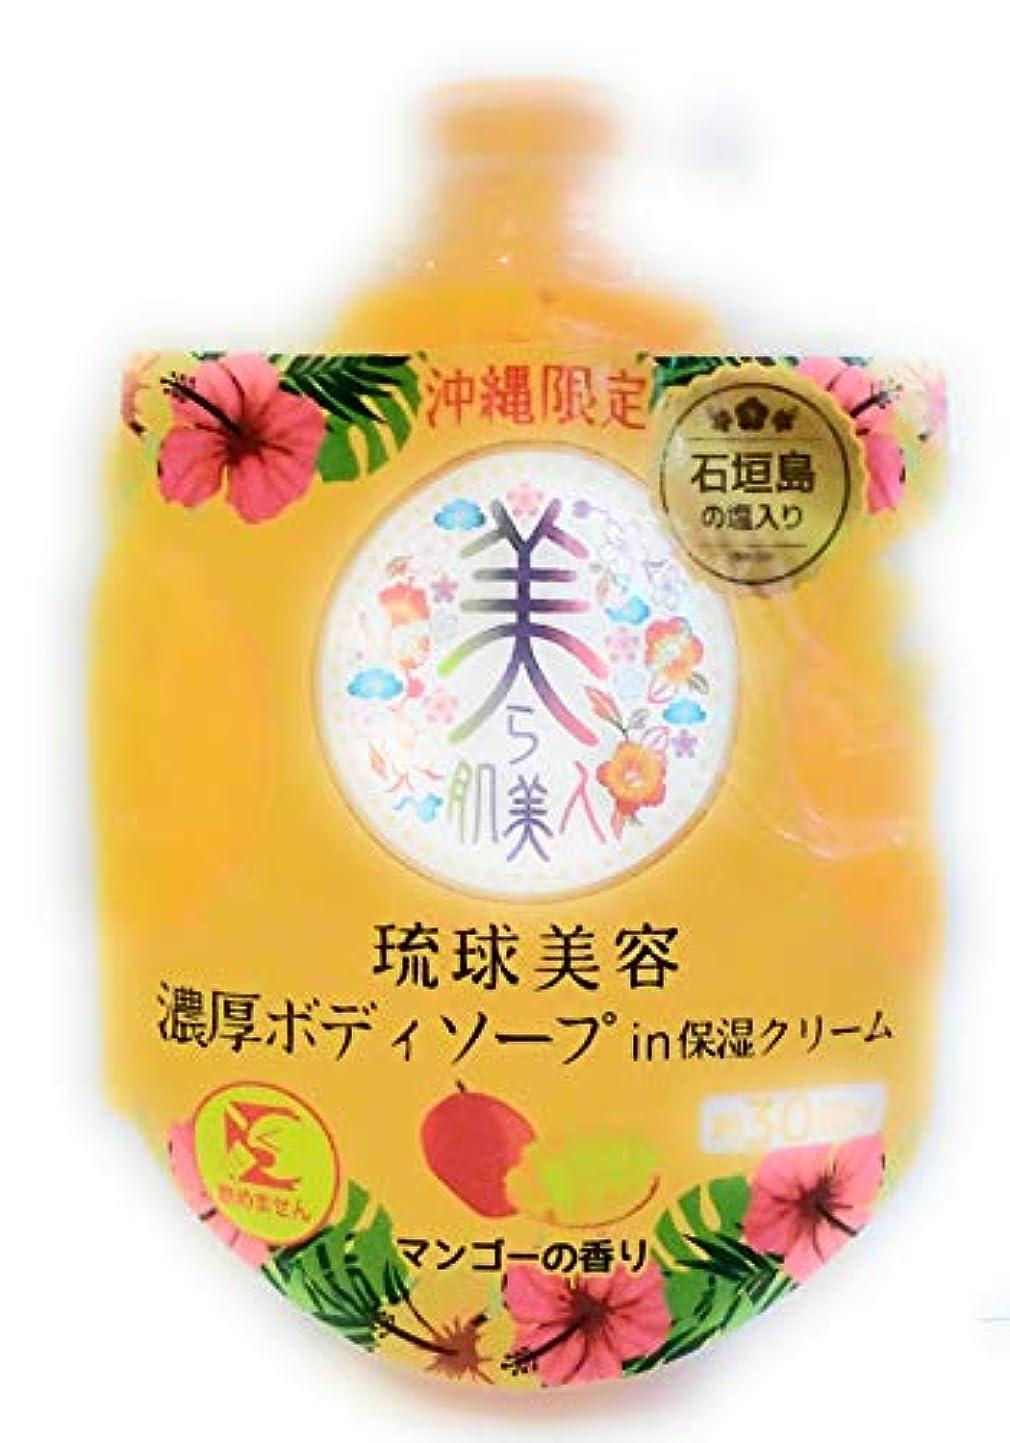 独特の無視する月曜沖縄限定 美ら肌美人 琉球美容濃厚ボディソープin保湿クリーム マンゴーの香り